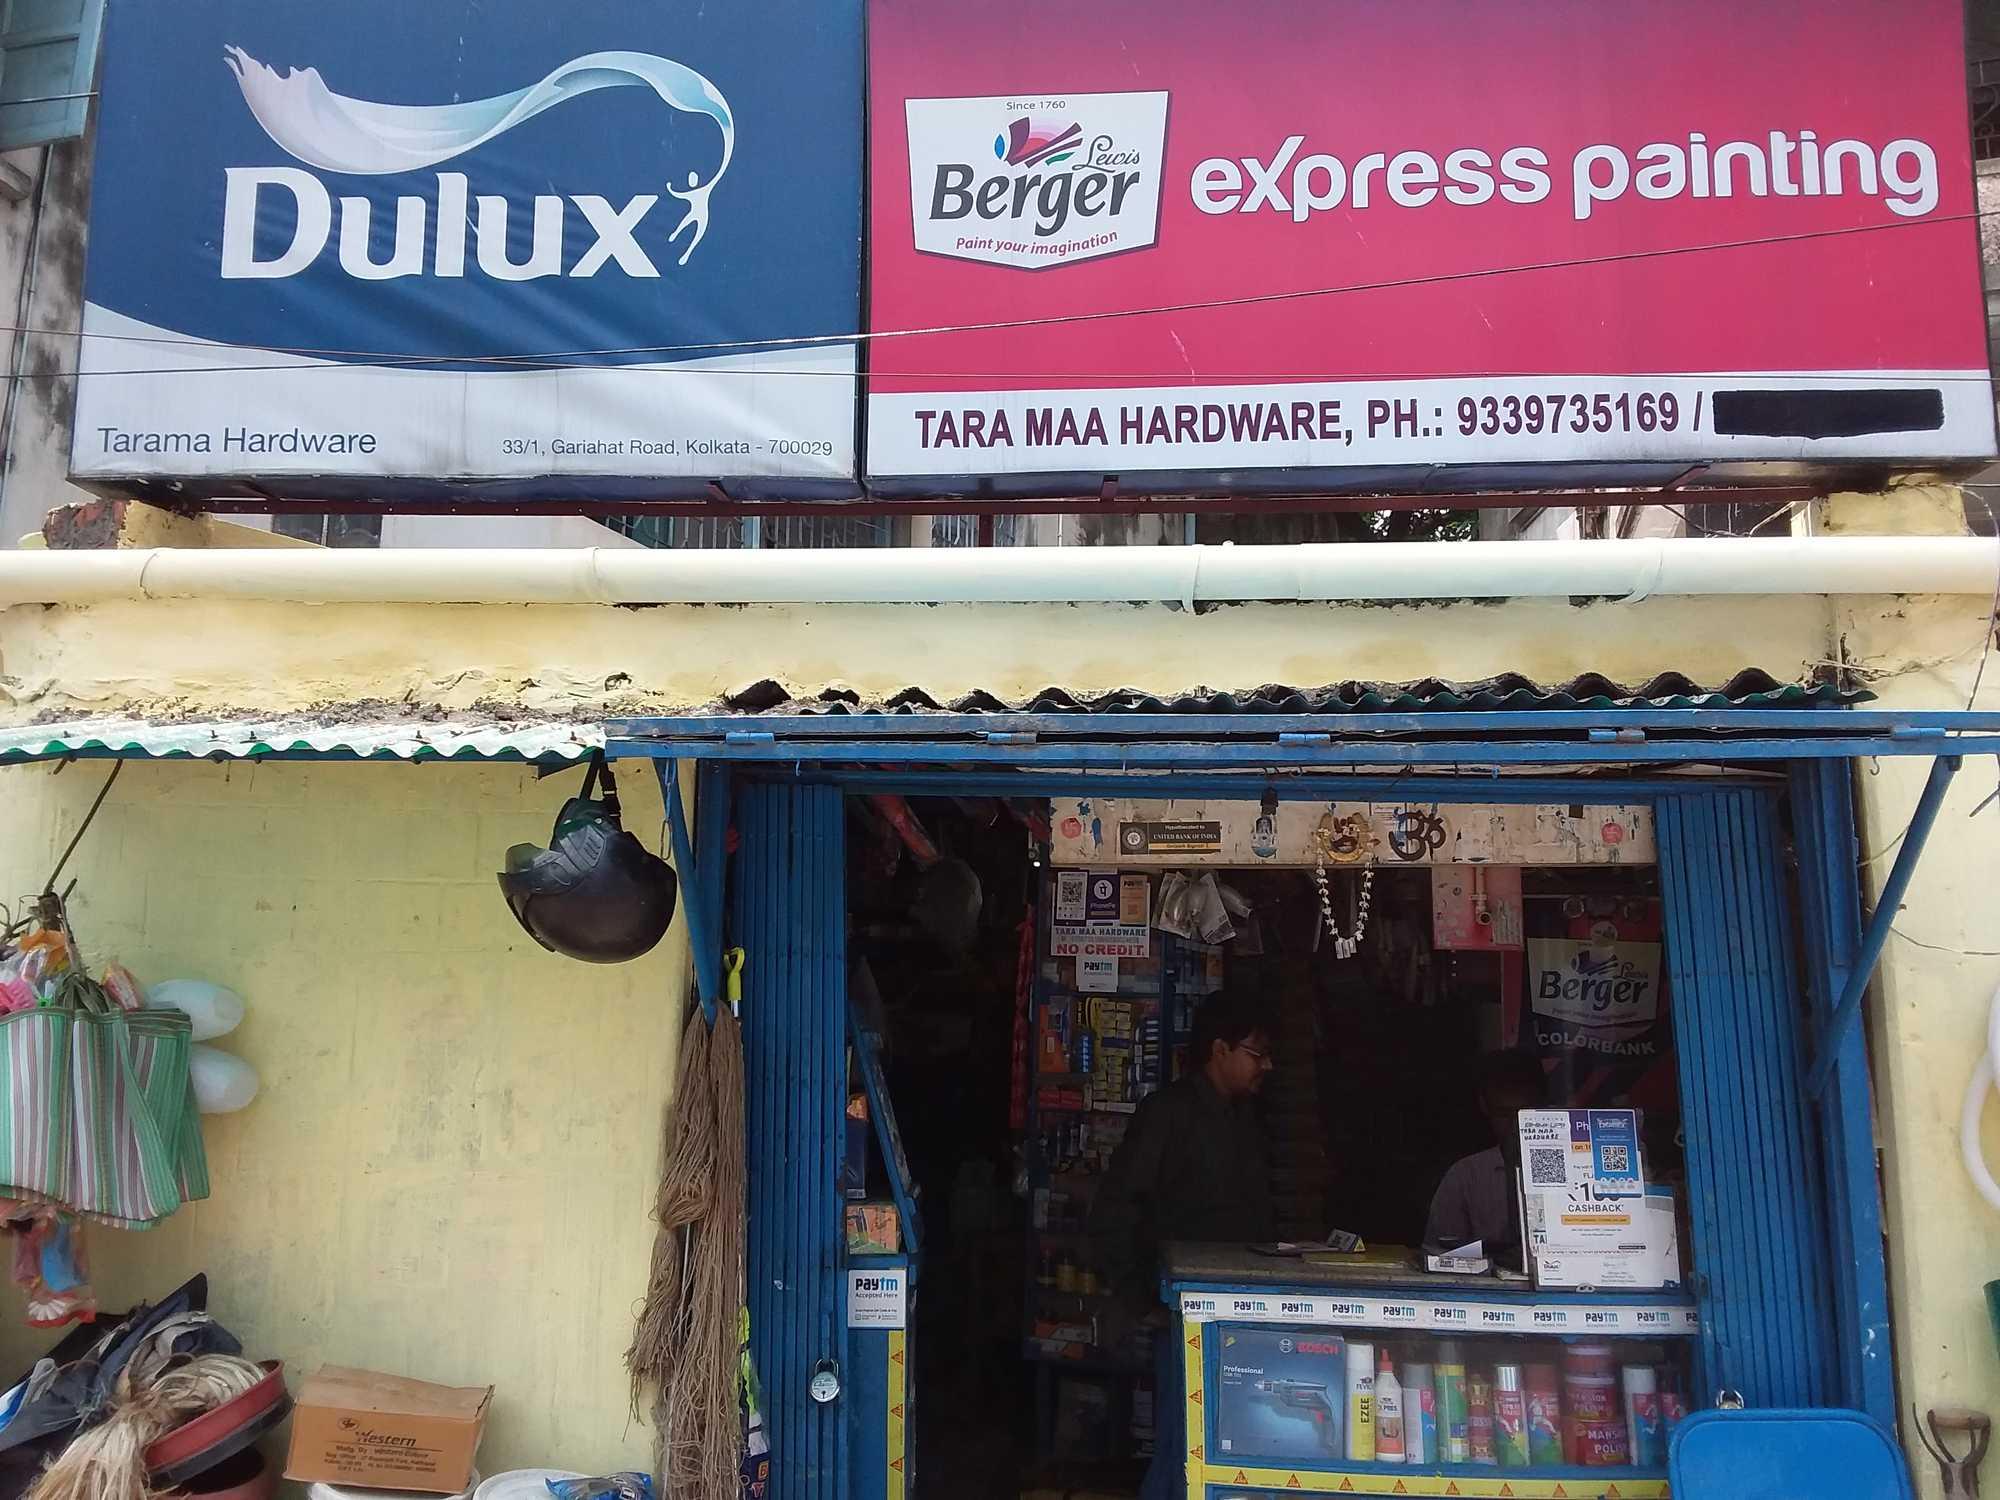 Top Epoxy Resin Dealers in Kolkata - Justdial